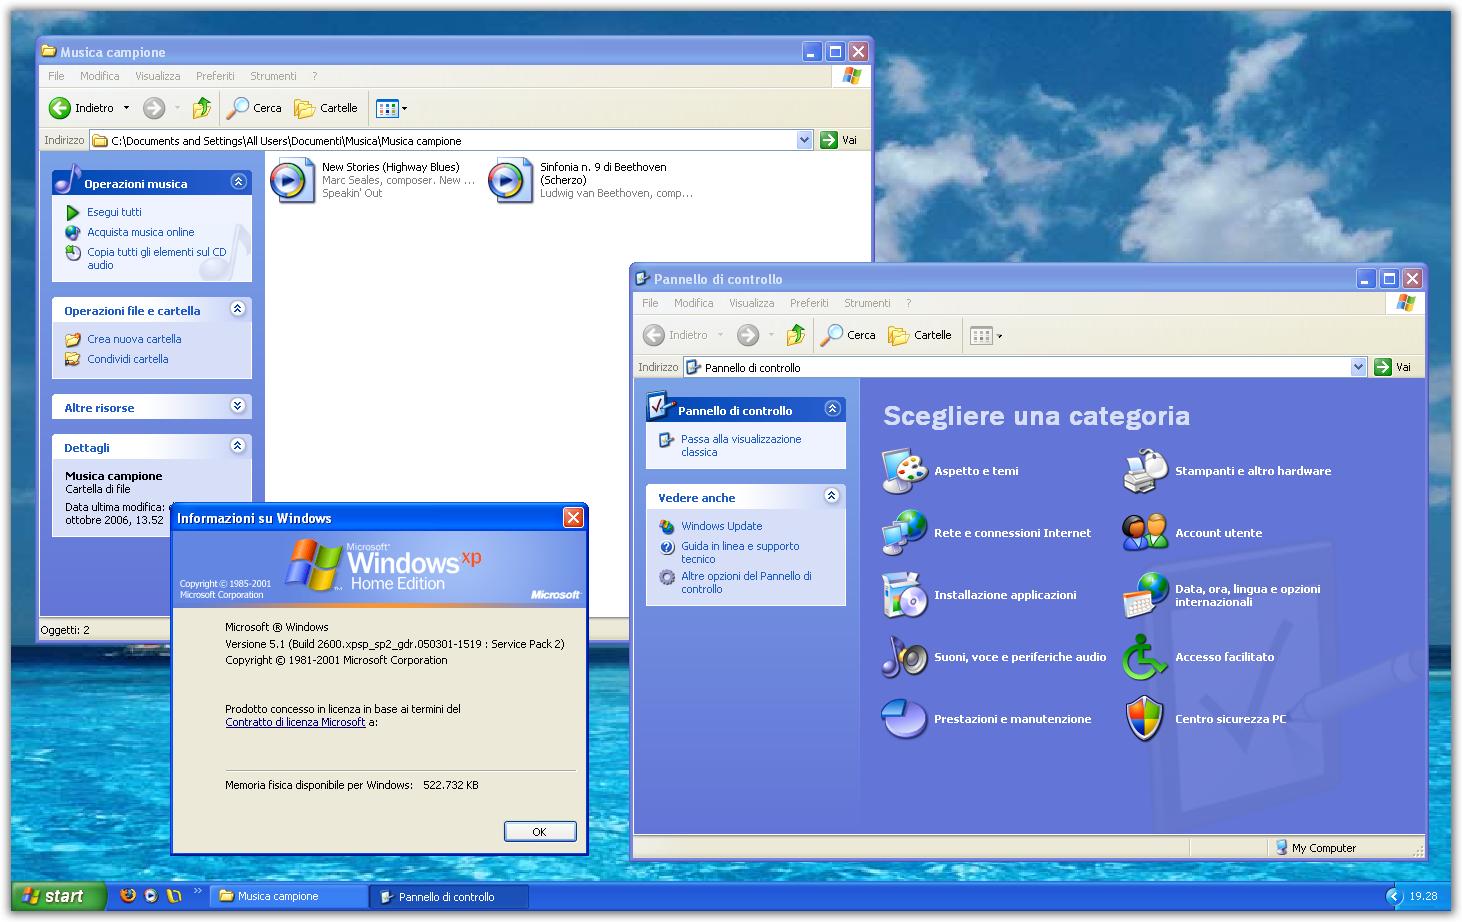 esame ECDL con Windows XP